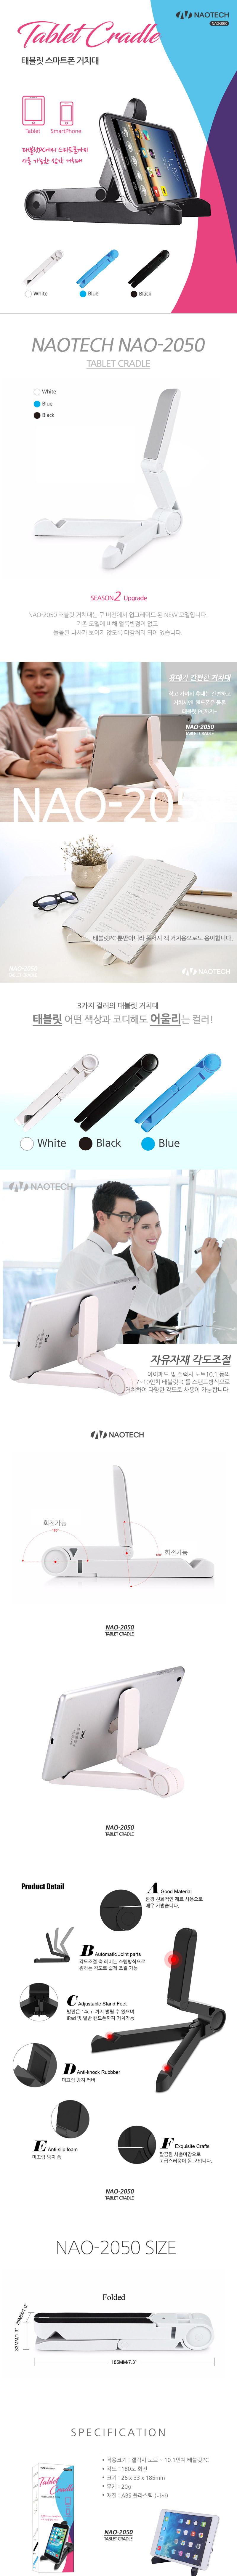 나오테크 태블릿PC 스탠드형 거치대 NAO-2050 당일출고4,900원-나오테크디지털, 스마트기기 주변기기, 케이블, 5핀바보사랑나오테크 태블릿PC 스탠드형 거치대 NAO-2050 당일출고4,900원-나오테크디지털, 스마트기기 주변기기, 케이블, 5핀바보사랑